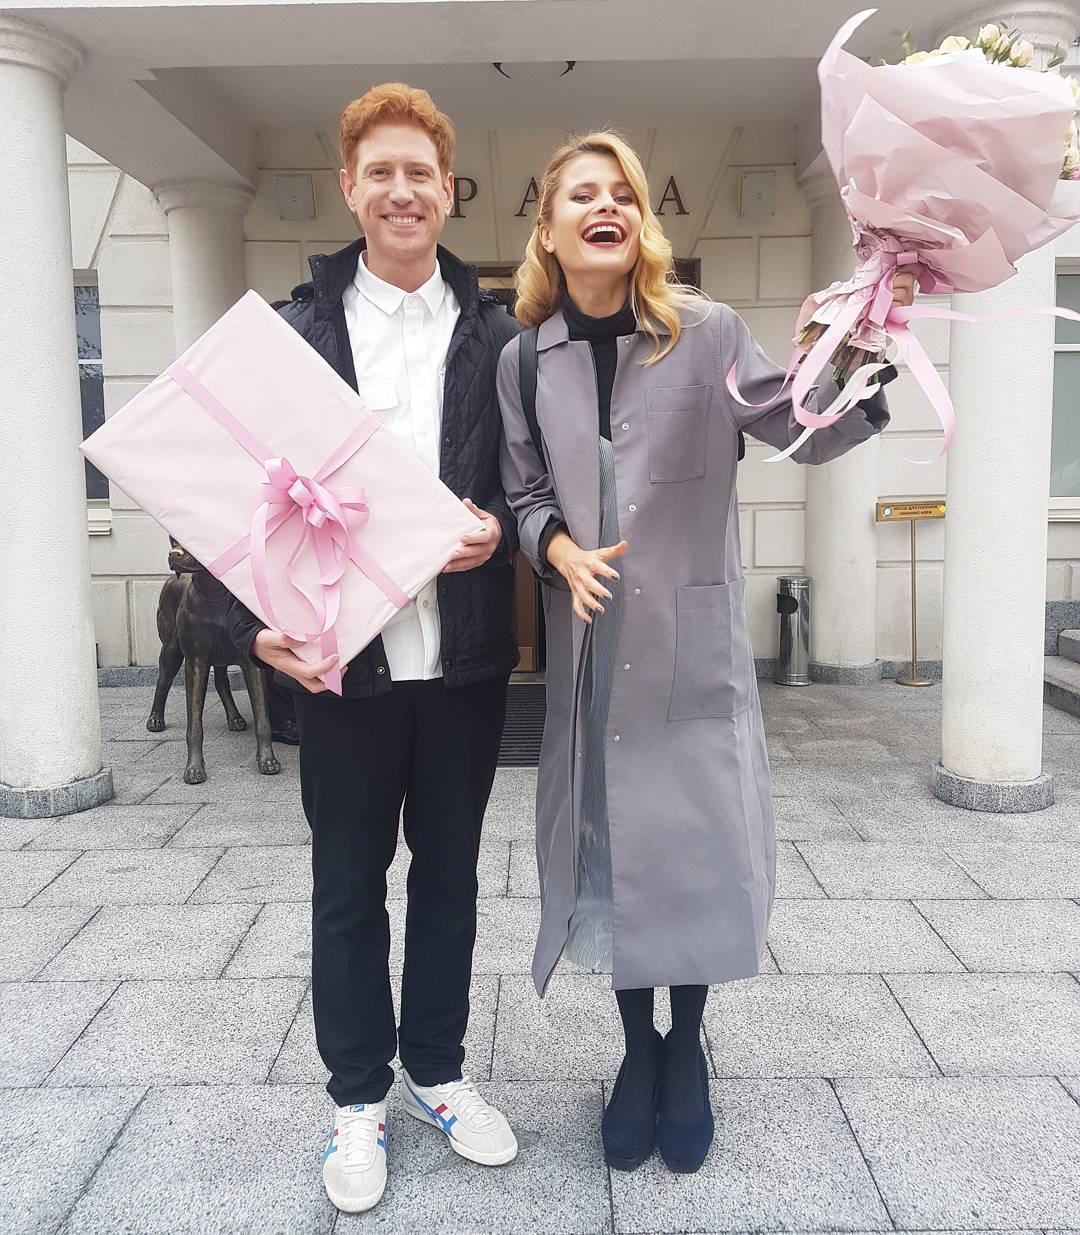 Денис Христов и Даша Коломиец